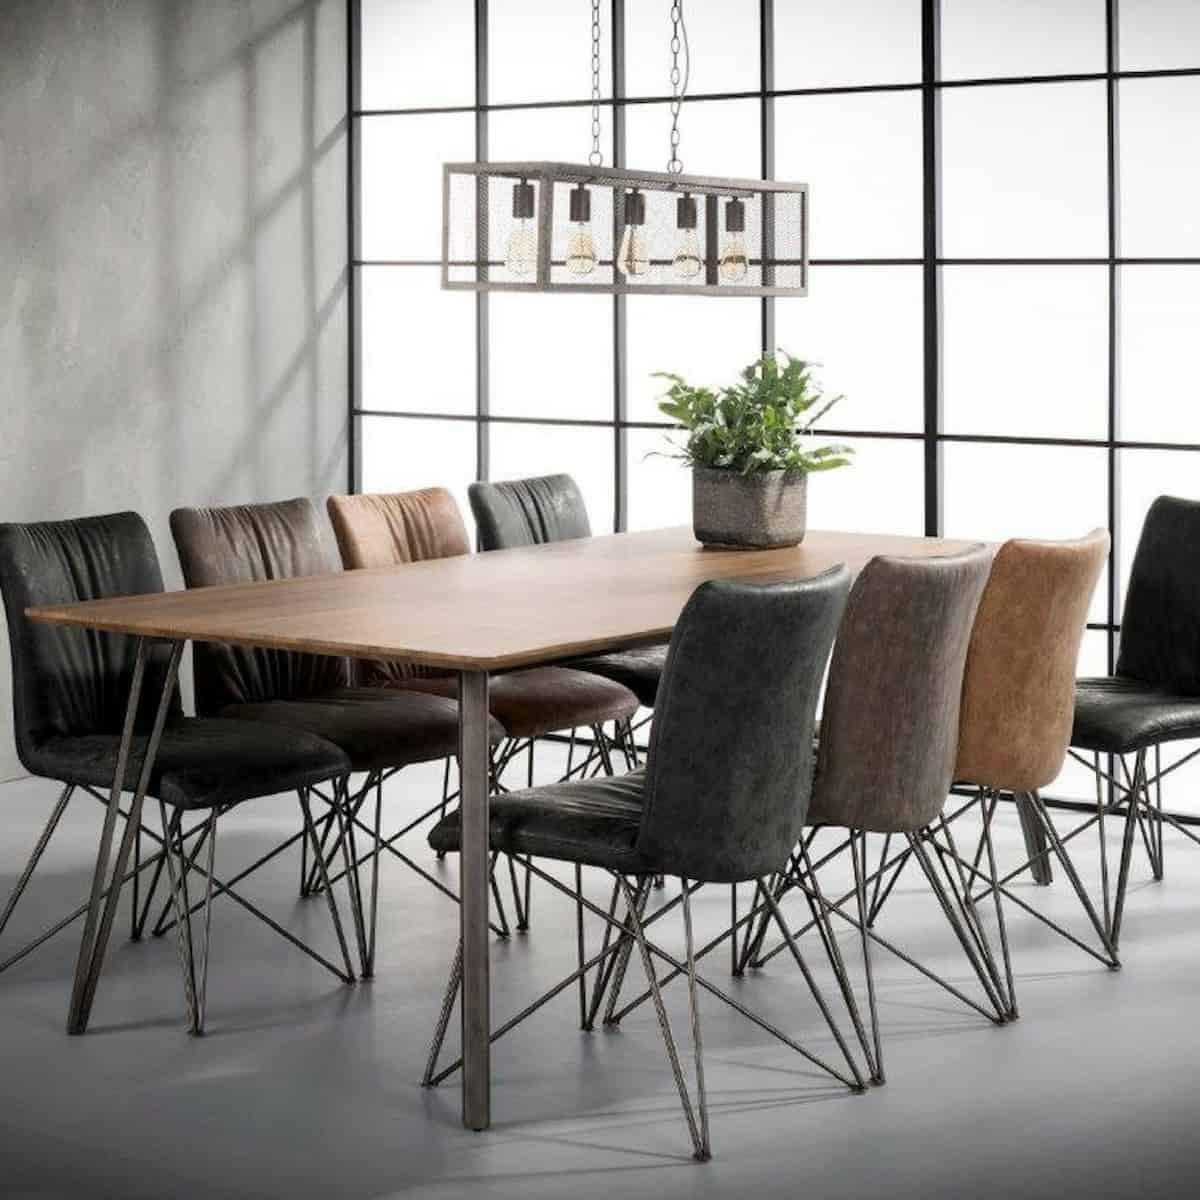 Eettafel 240 Cm.Industriele Eettafel Zes10 Collectie V Poot Tafel Vintage Staal